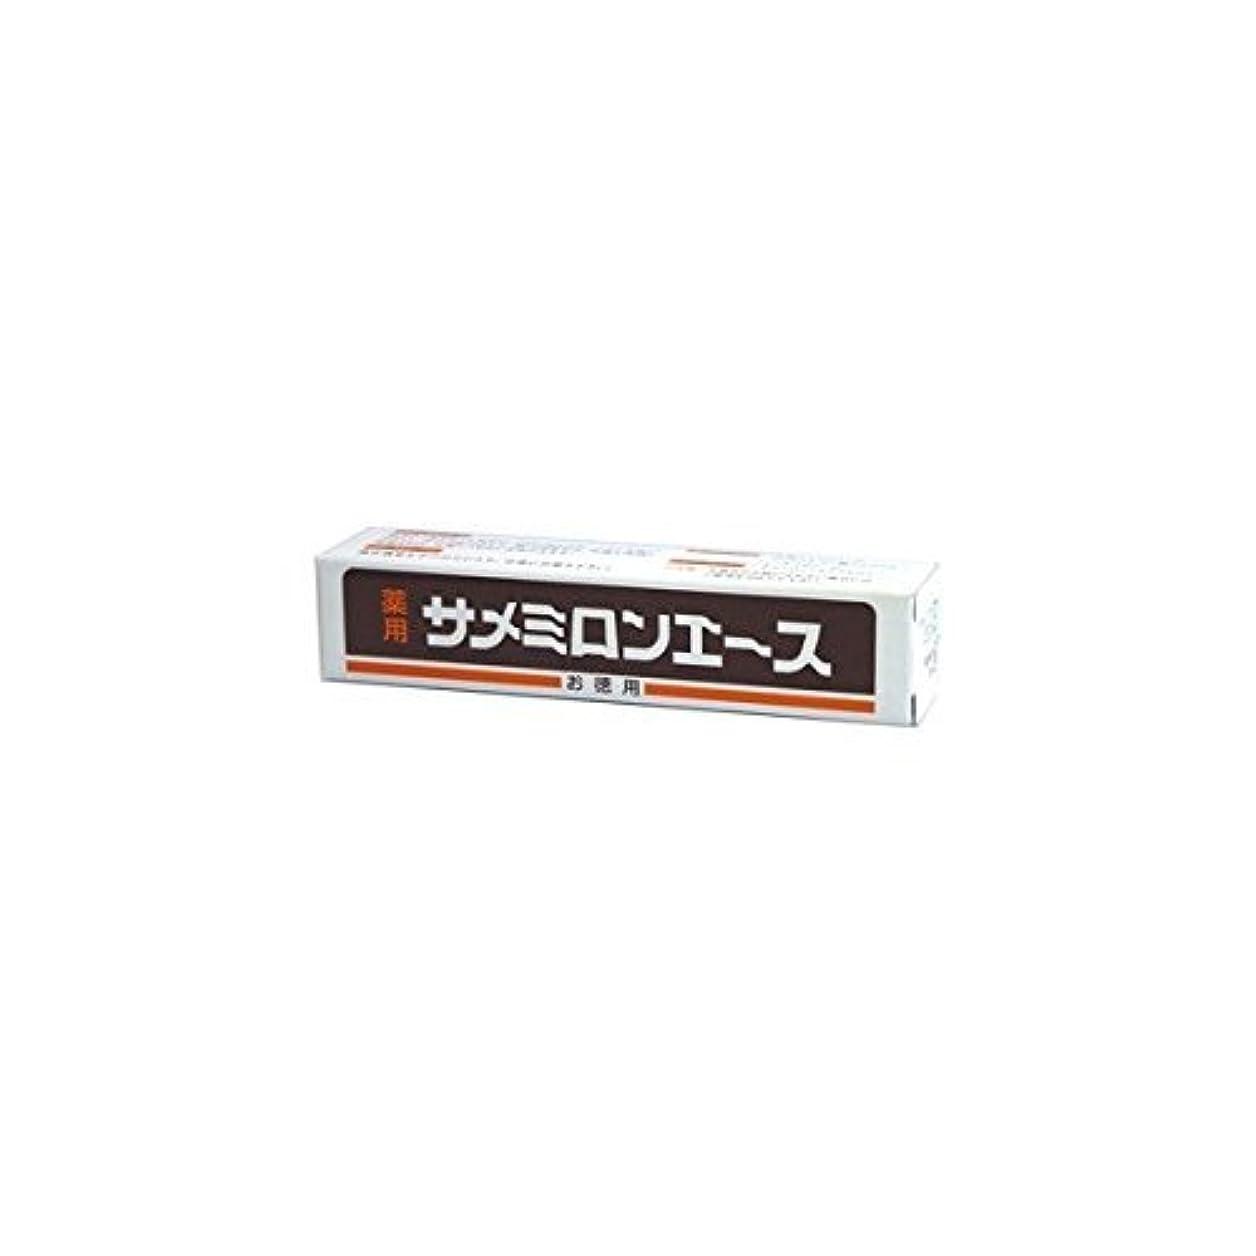 ランプスクレーパーアクティビティ薬用 サメミロンエース 20ml入り 2個 スクアレン配合